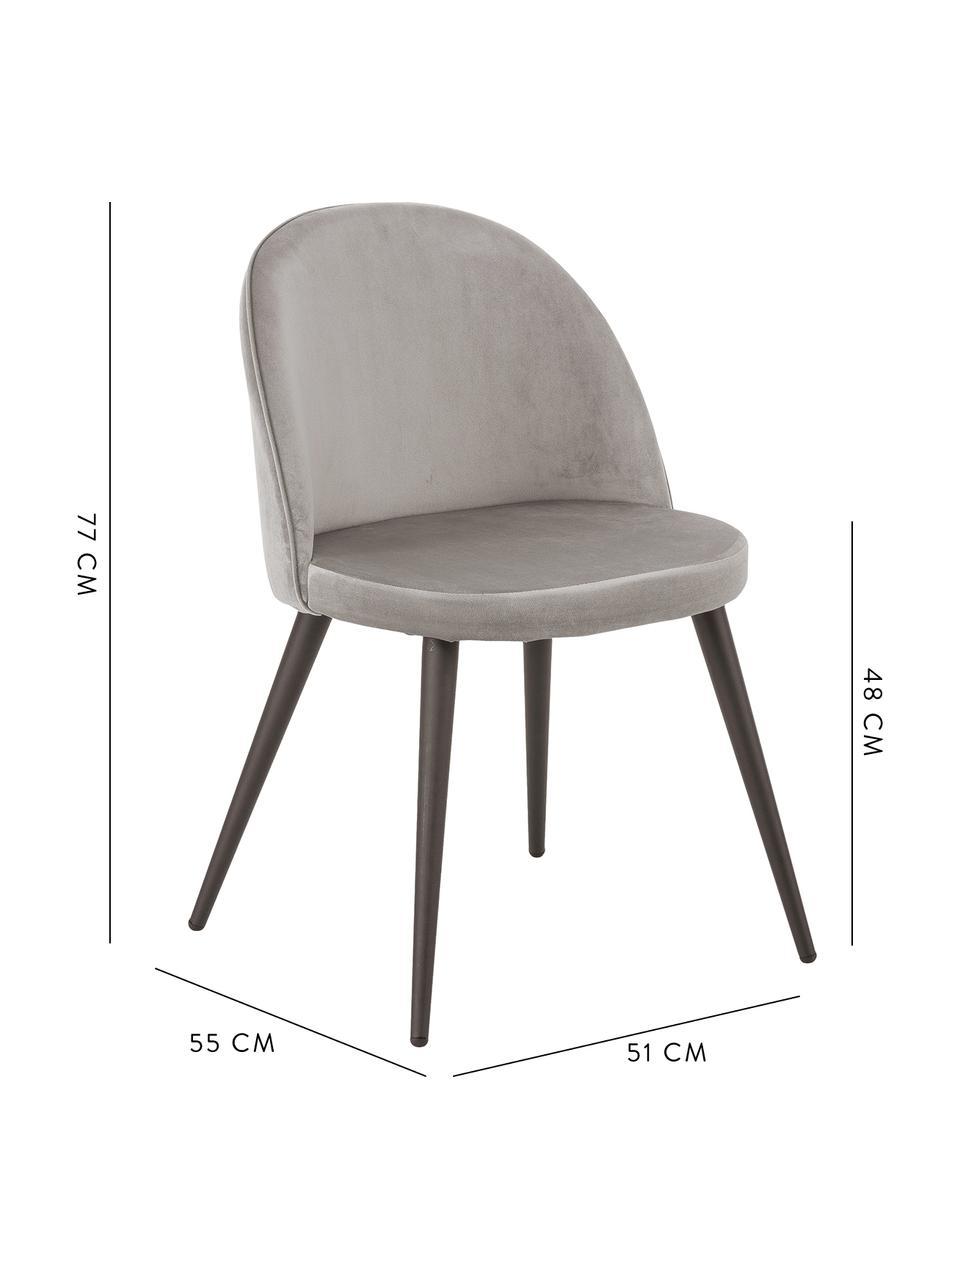 Sedia moderna imbottita in velluto Amy 2 pz, Rivestimento: velluto (poliestere) Con , Gambe: metallo verniciato a polv, Grigio, Larg. 51 x Prof. 55 cm